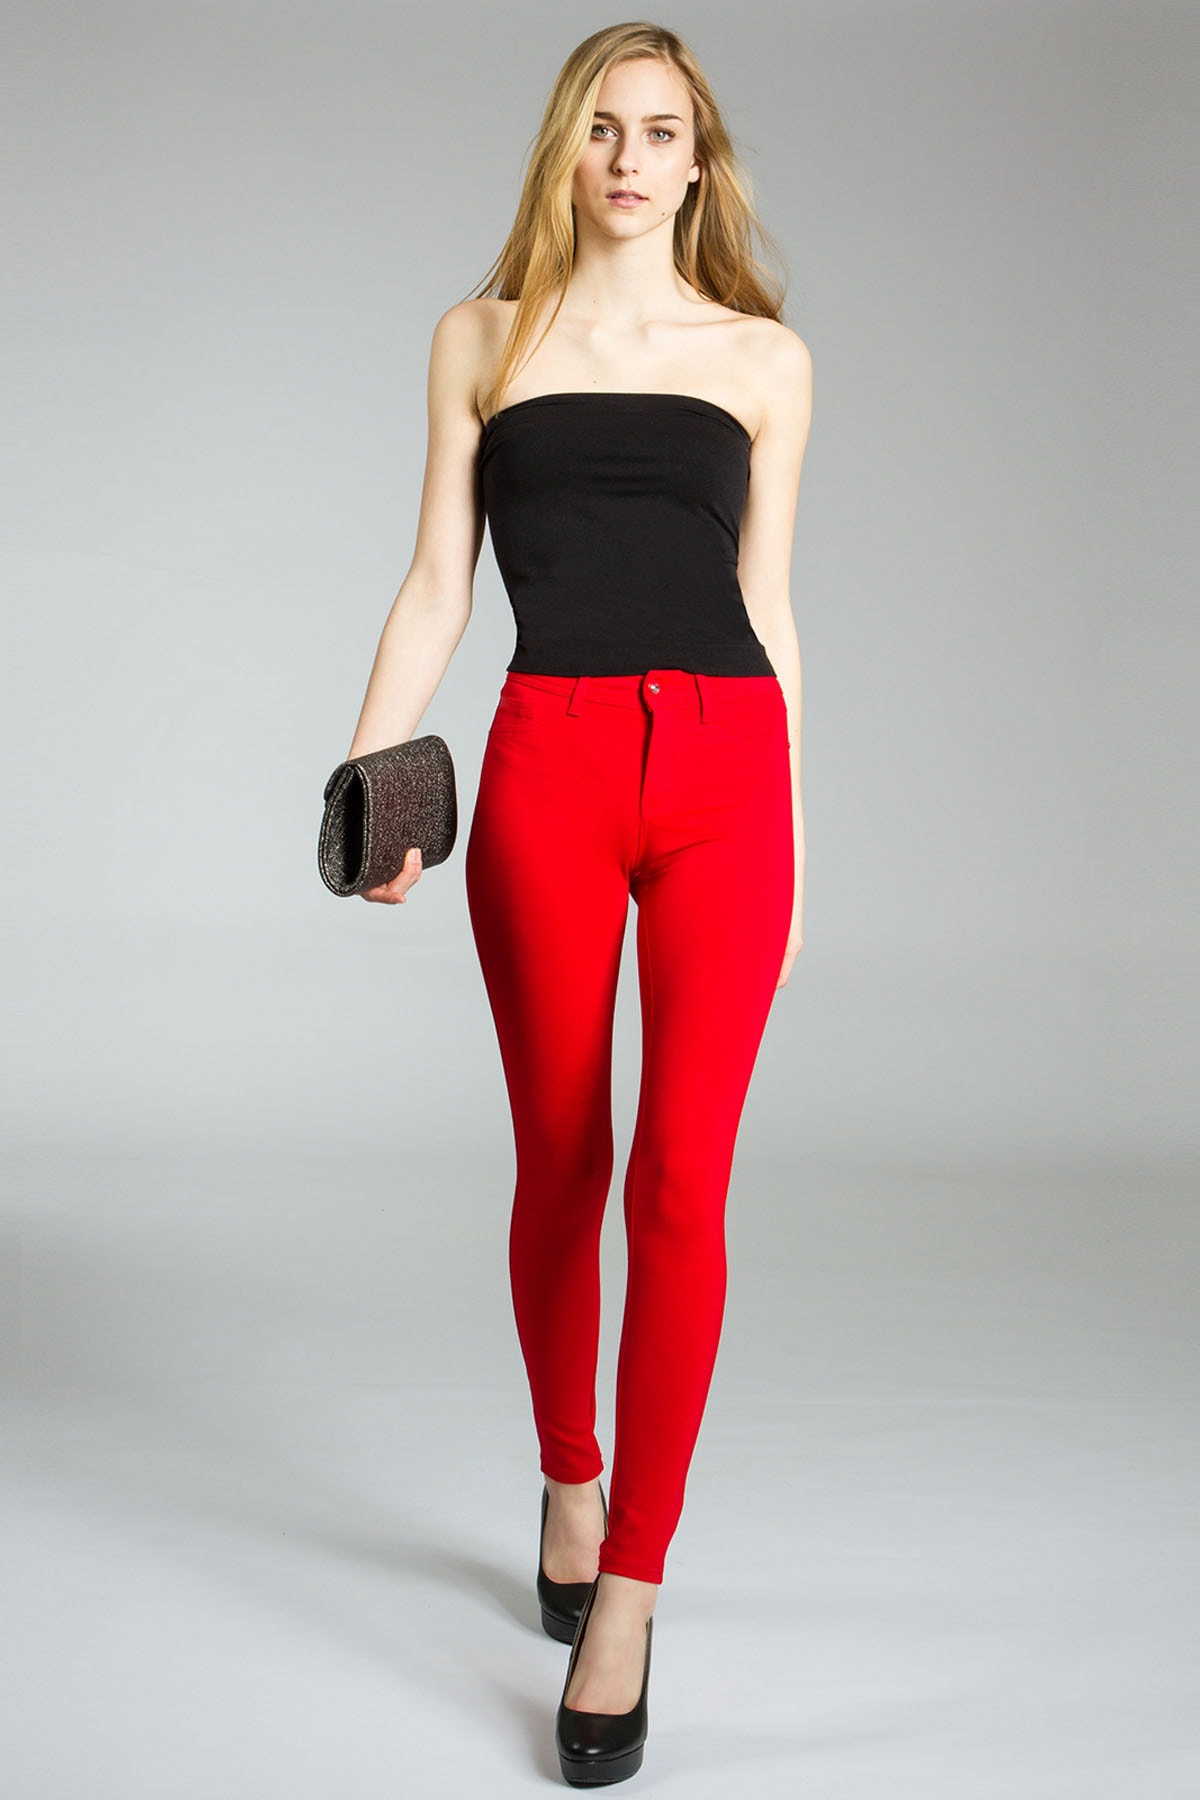 LM Kadın Kırmızı Streç Dar Model Kot Pantolon 1